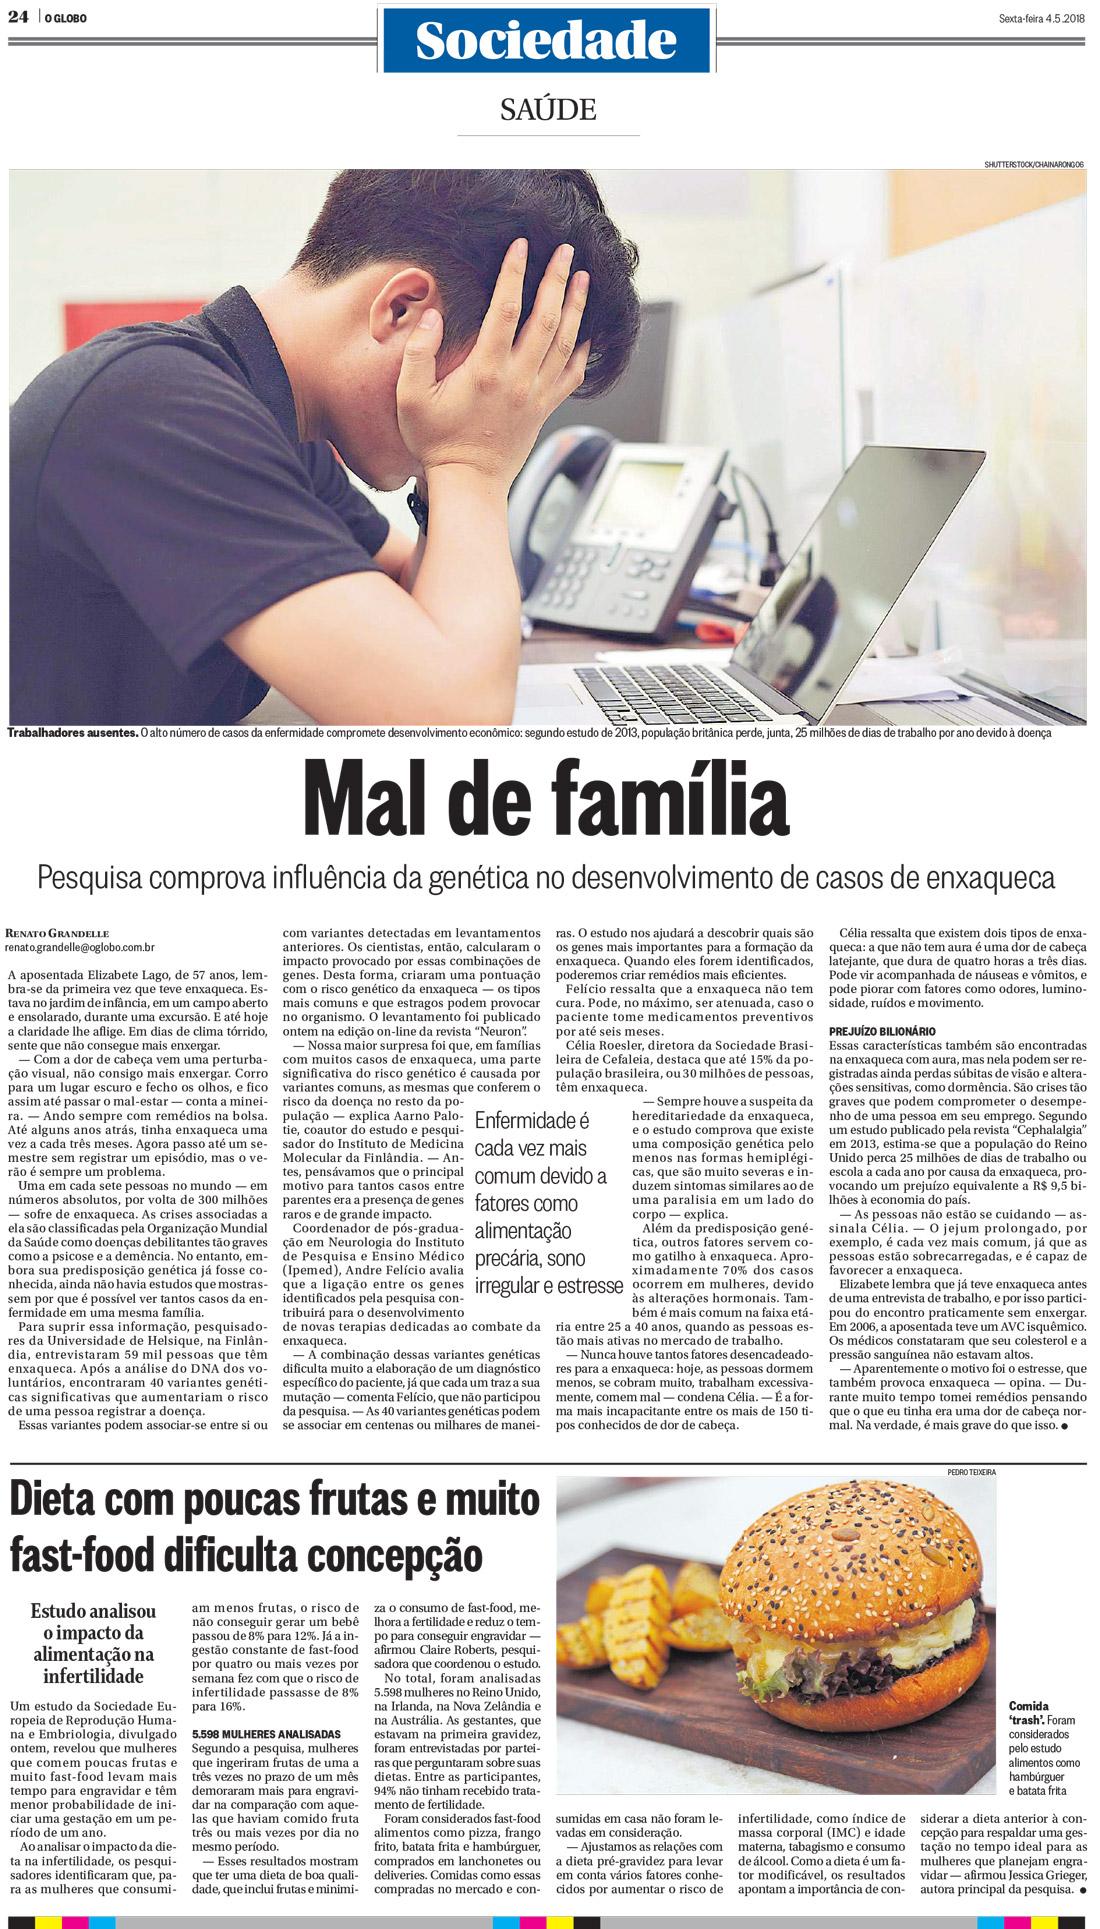 Mal de família: Pesquisa comprova influência da genética no desenvolvimento de casos de enxaqueca